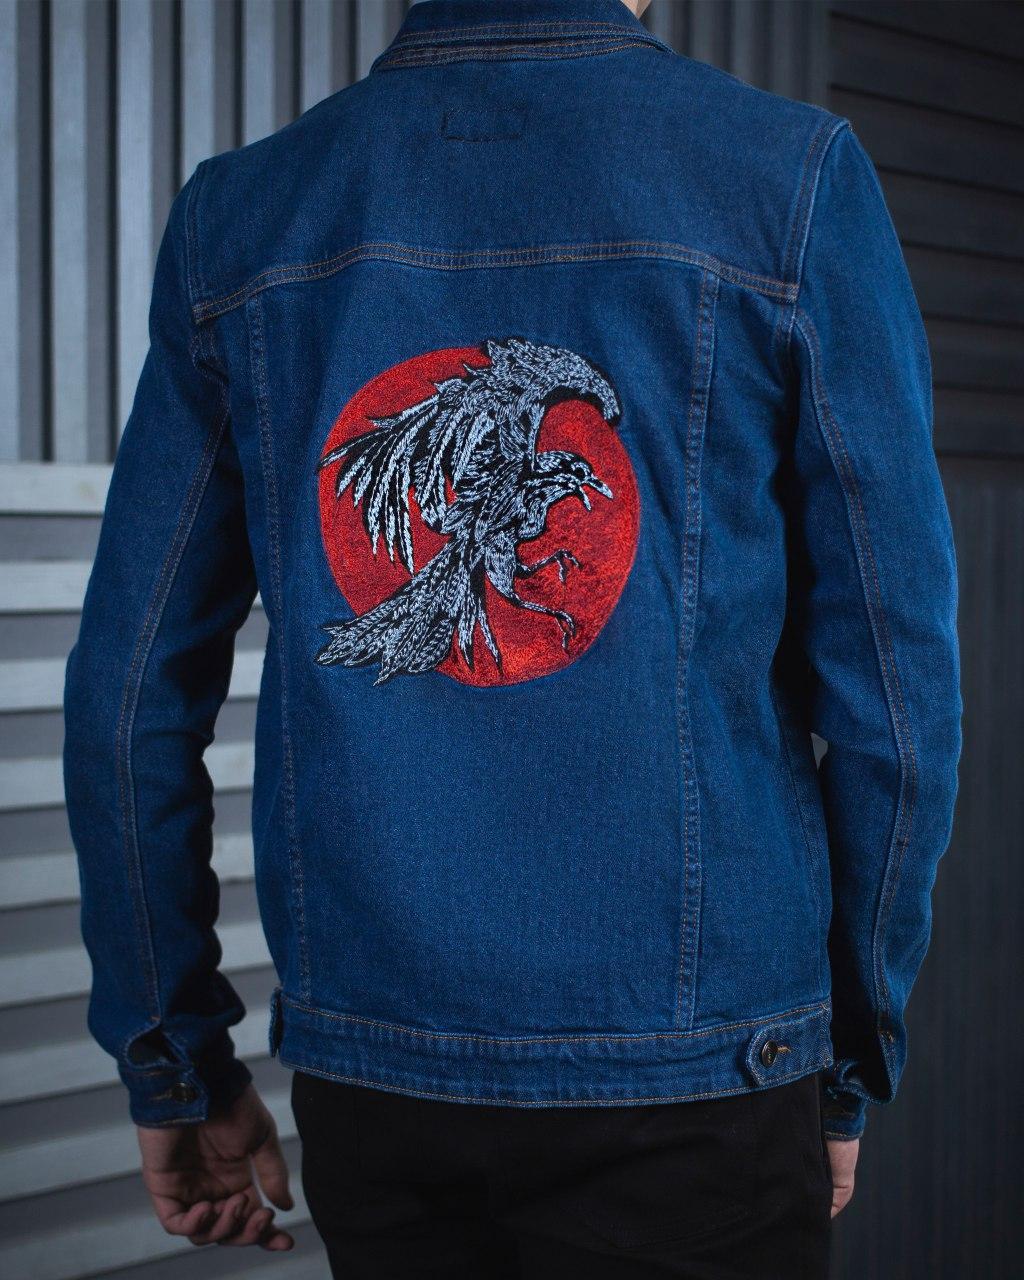 46759d73 Джинсовая куртка мужская BeZet Raven 19 темно-синяя XXL - ShevaShop - одежда  родом из